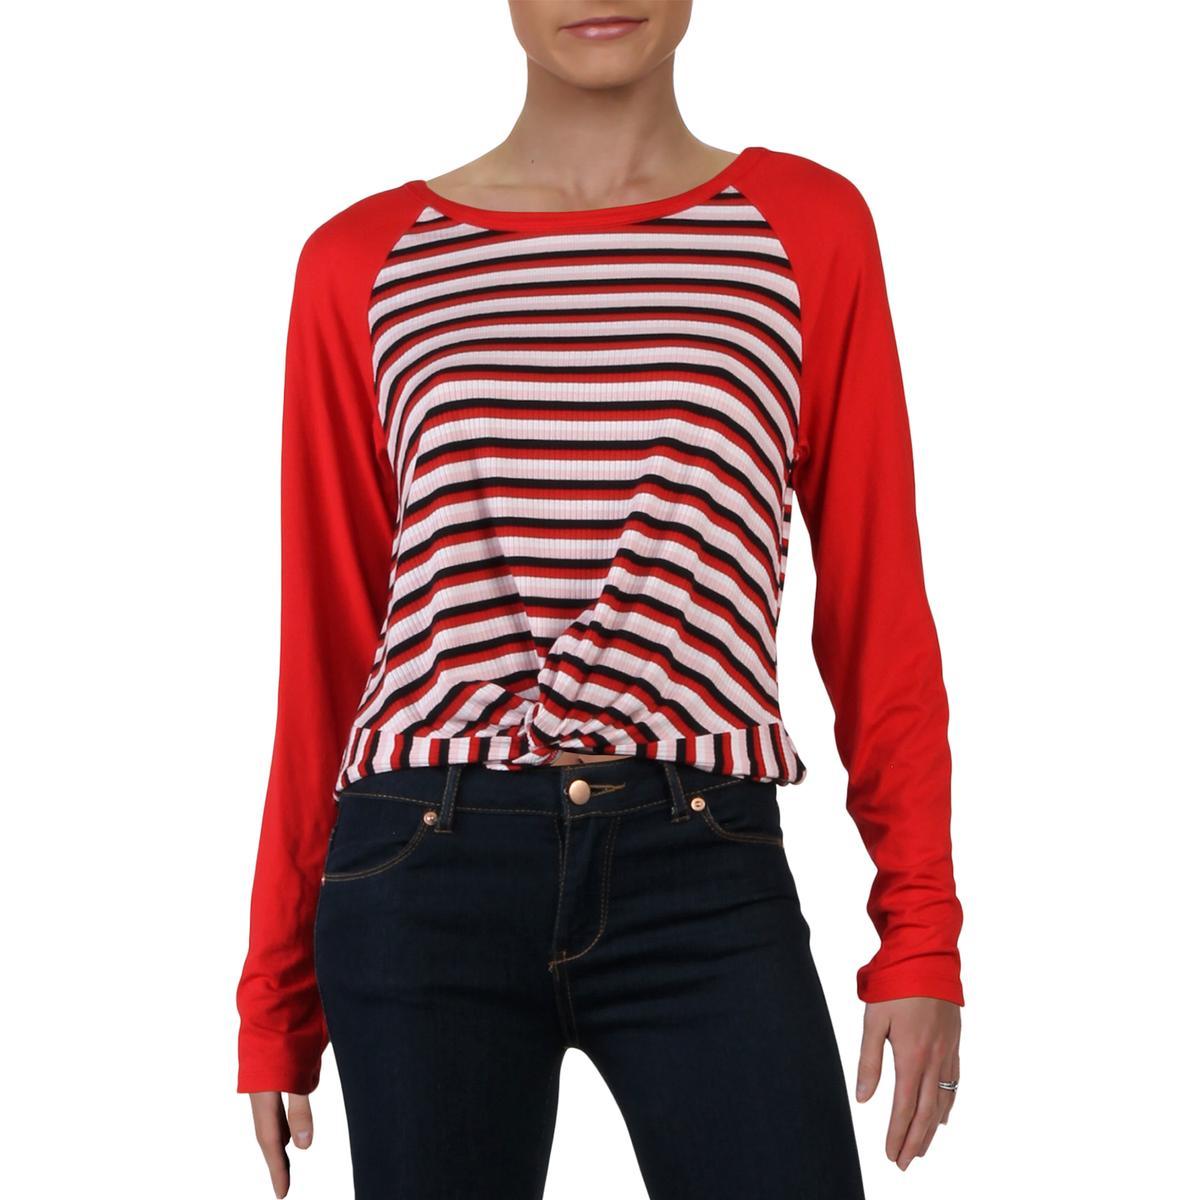 Ultra Flirt Womens Red Crop Striped Pullover Top Shirt Juniors S BHFO 2315